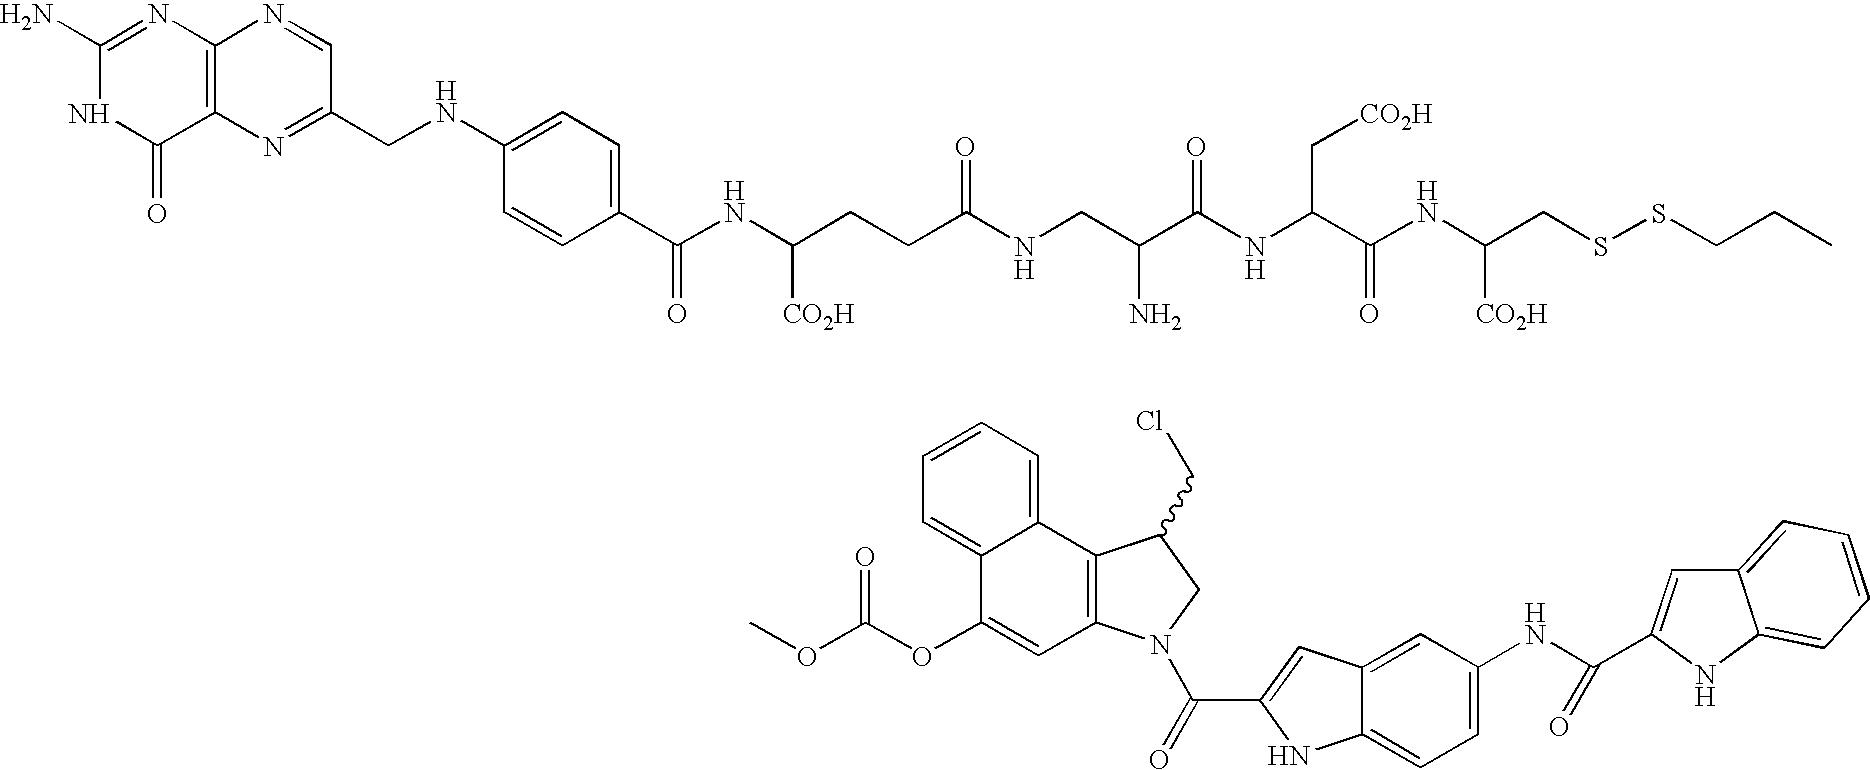 Figure US20100004276A1-20100107-C00147